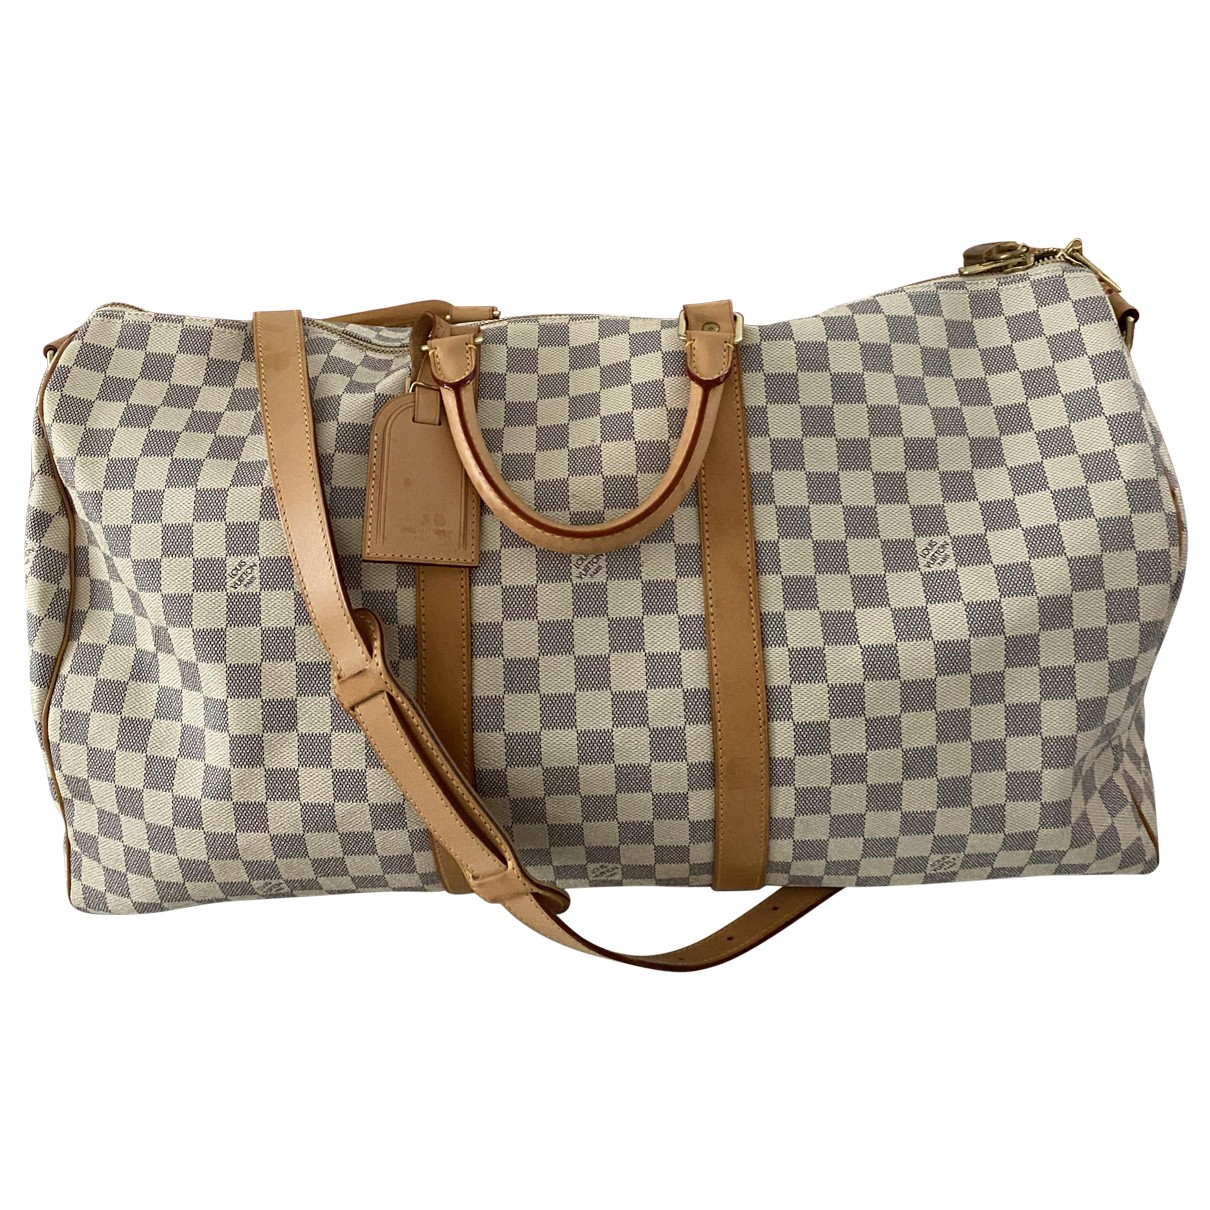 Louis Vuitton - Sac de voyage Keepall pour femme en toile - beige